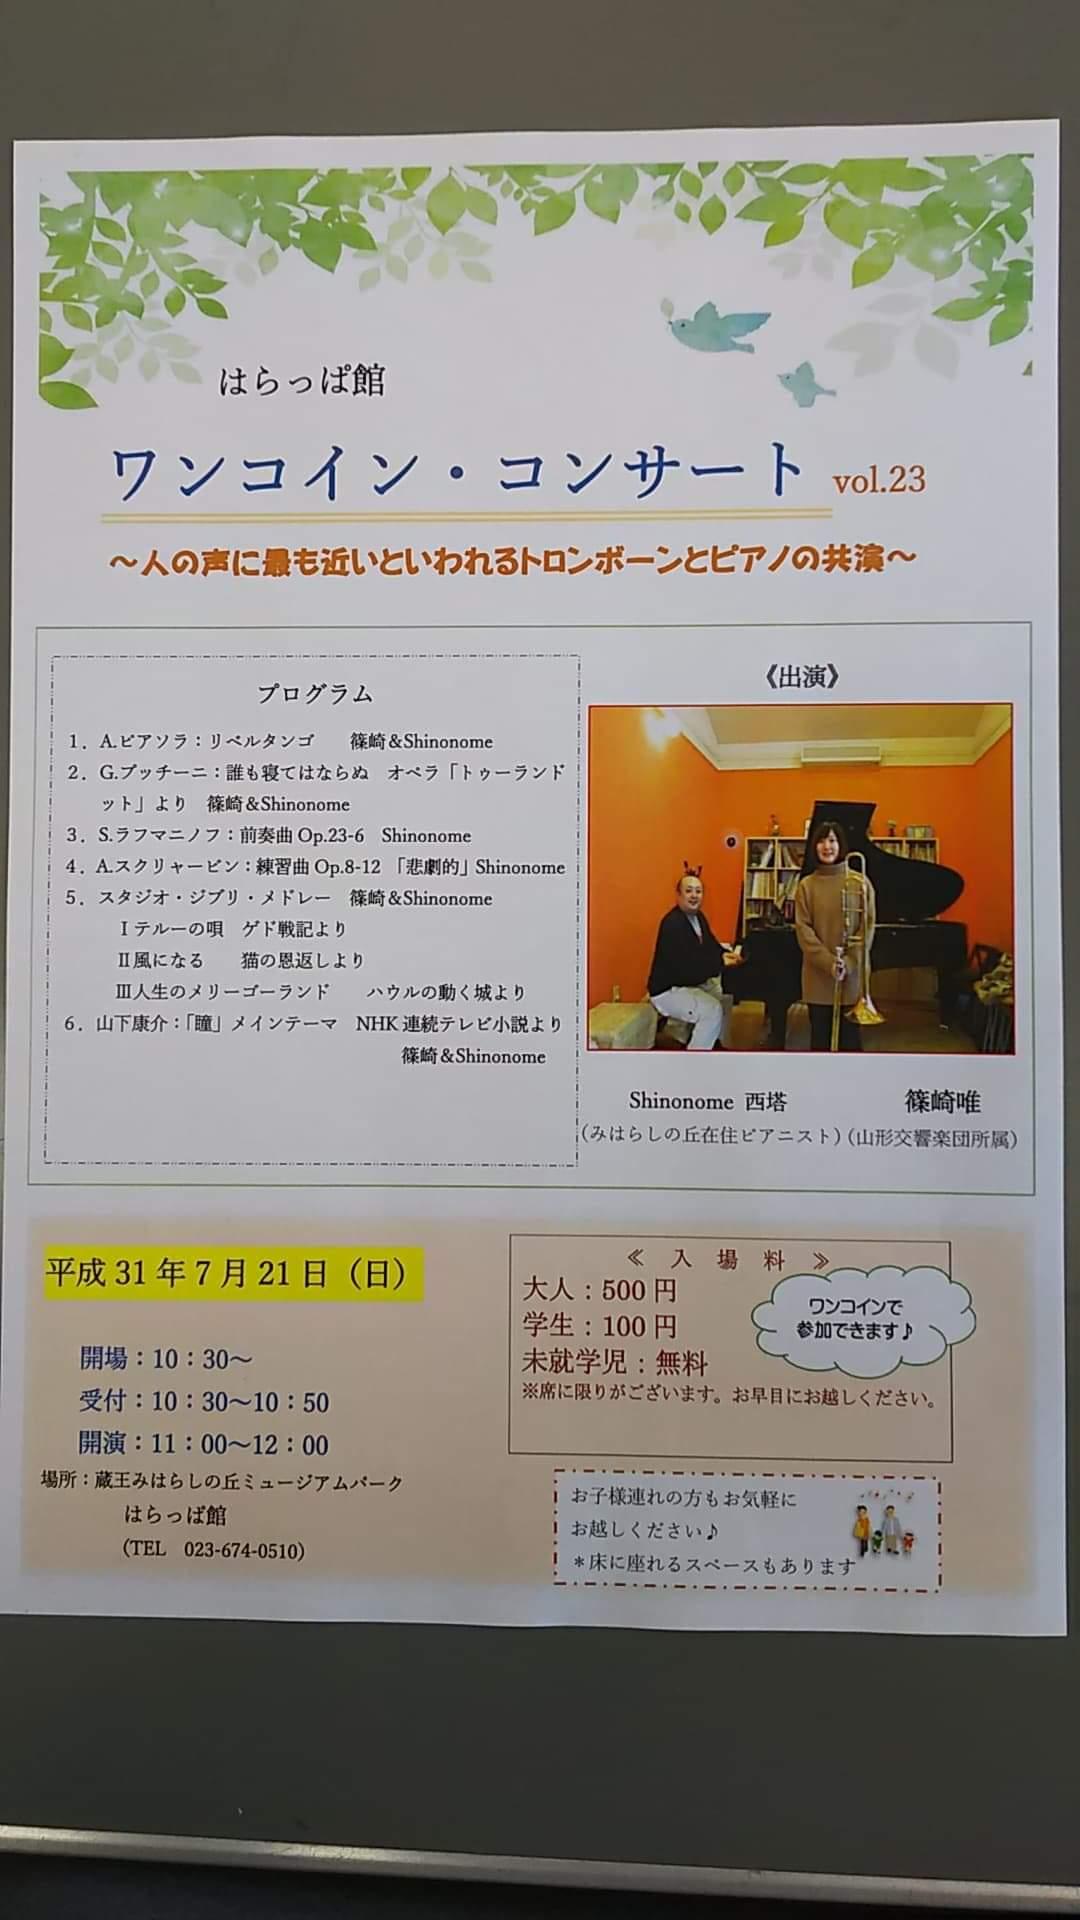 今度の日曜日(7月21日)午前中に、蔵王みはらしの丘「はらっぱ館」でコンサート。_d0159273_02435964.jpeg